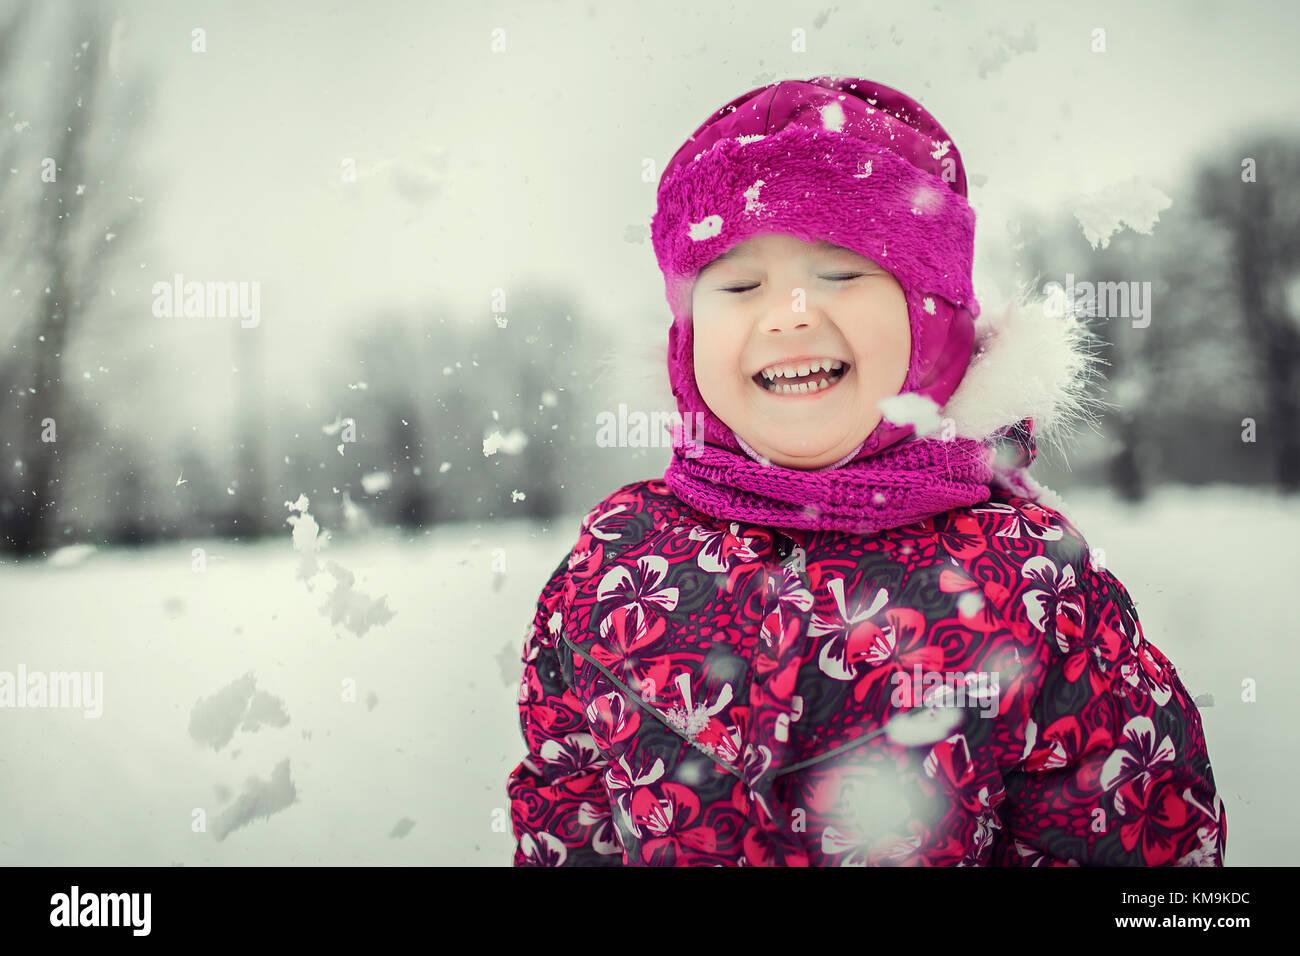 Kid giocando con i fiocchi di neve in inverno forest Immagini Stock